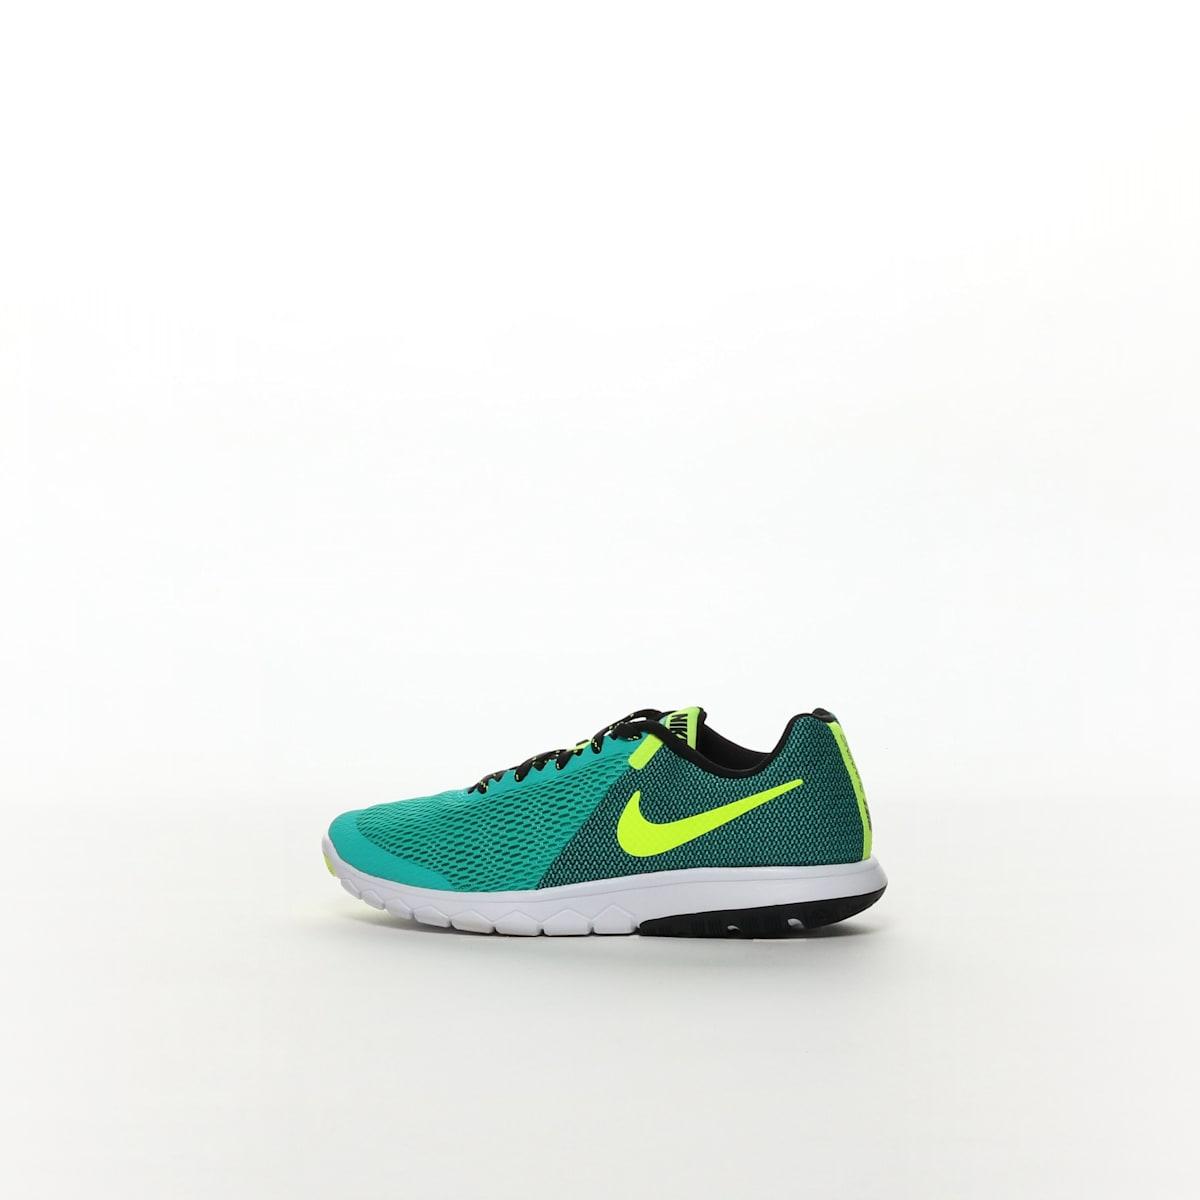 4a3436a291e6 Women s Nike Flex Experience RN 5 Running Shoe - CLRJAD VOLT – Resku